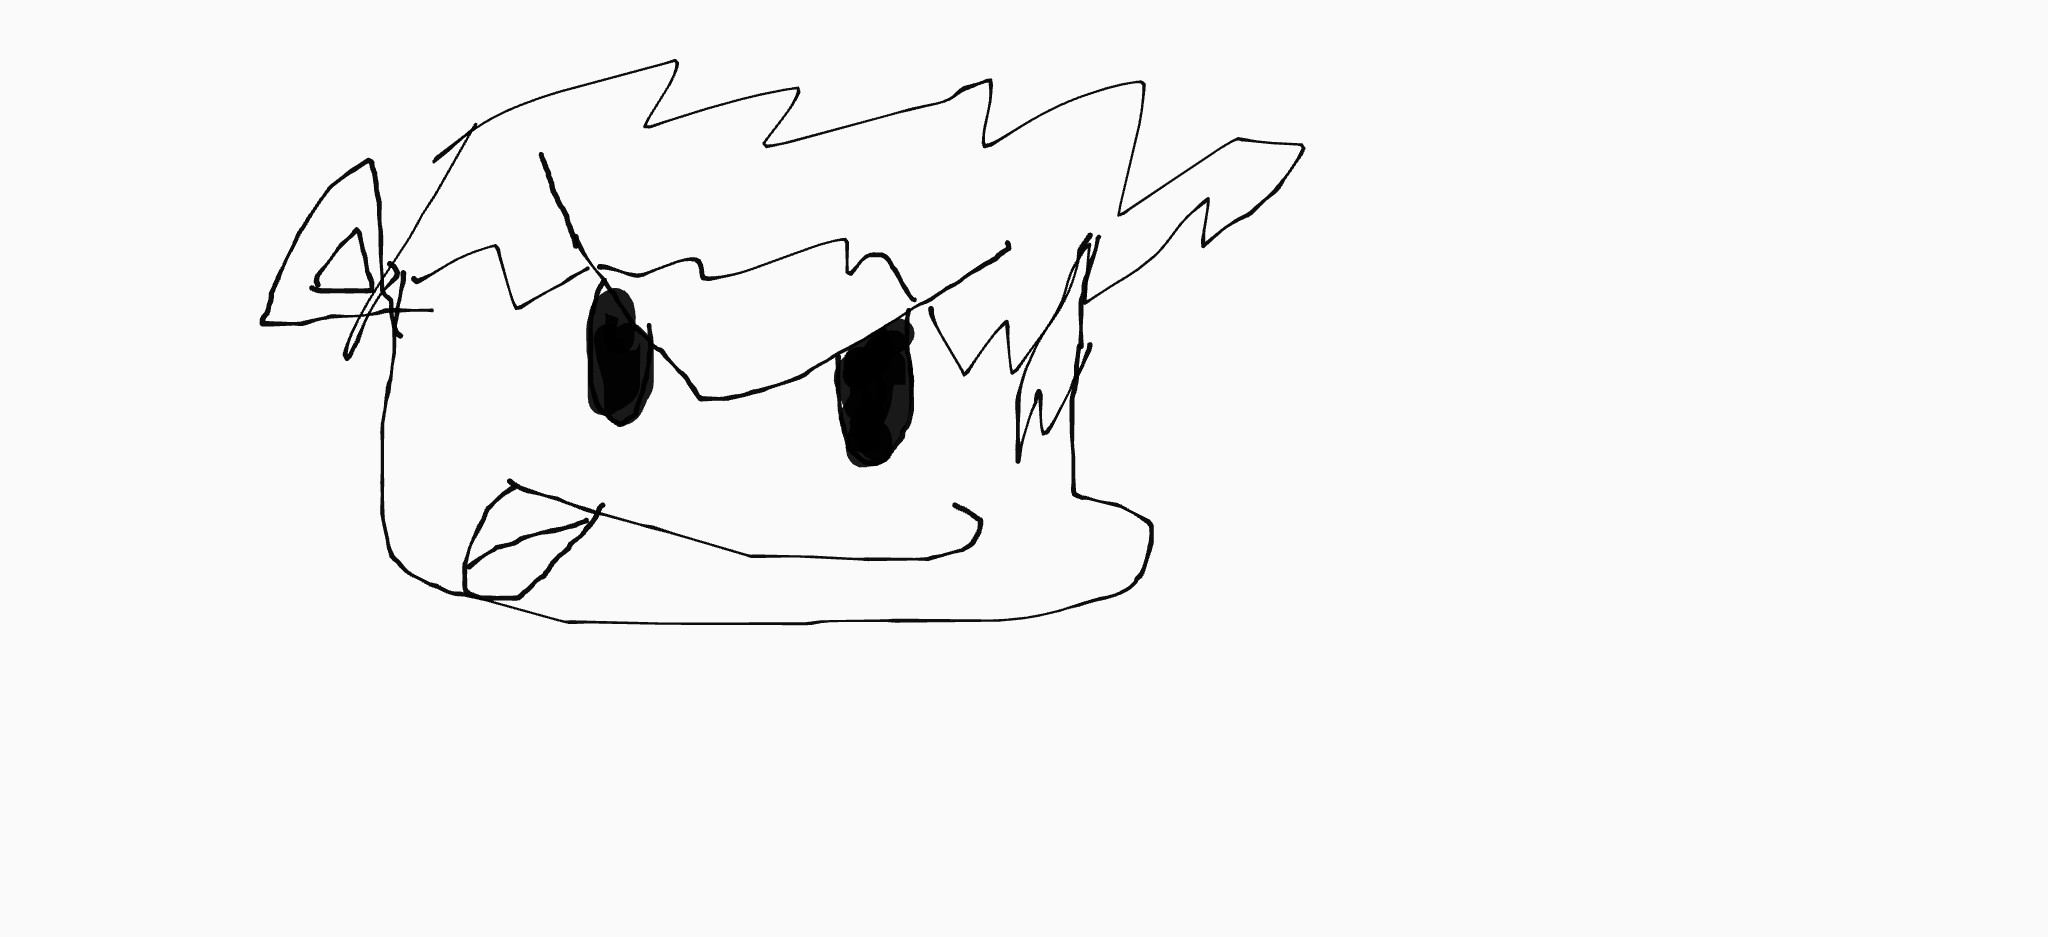 Stupìd drawings